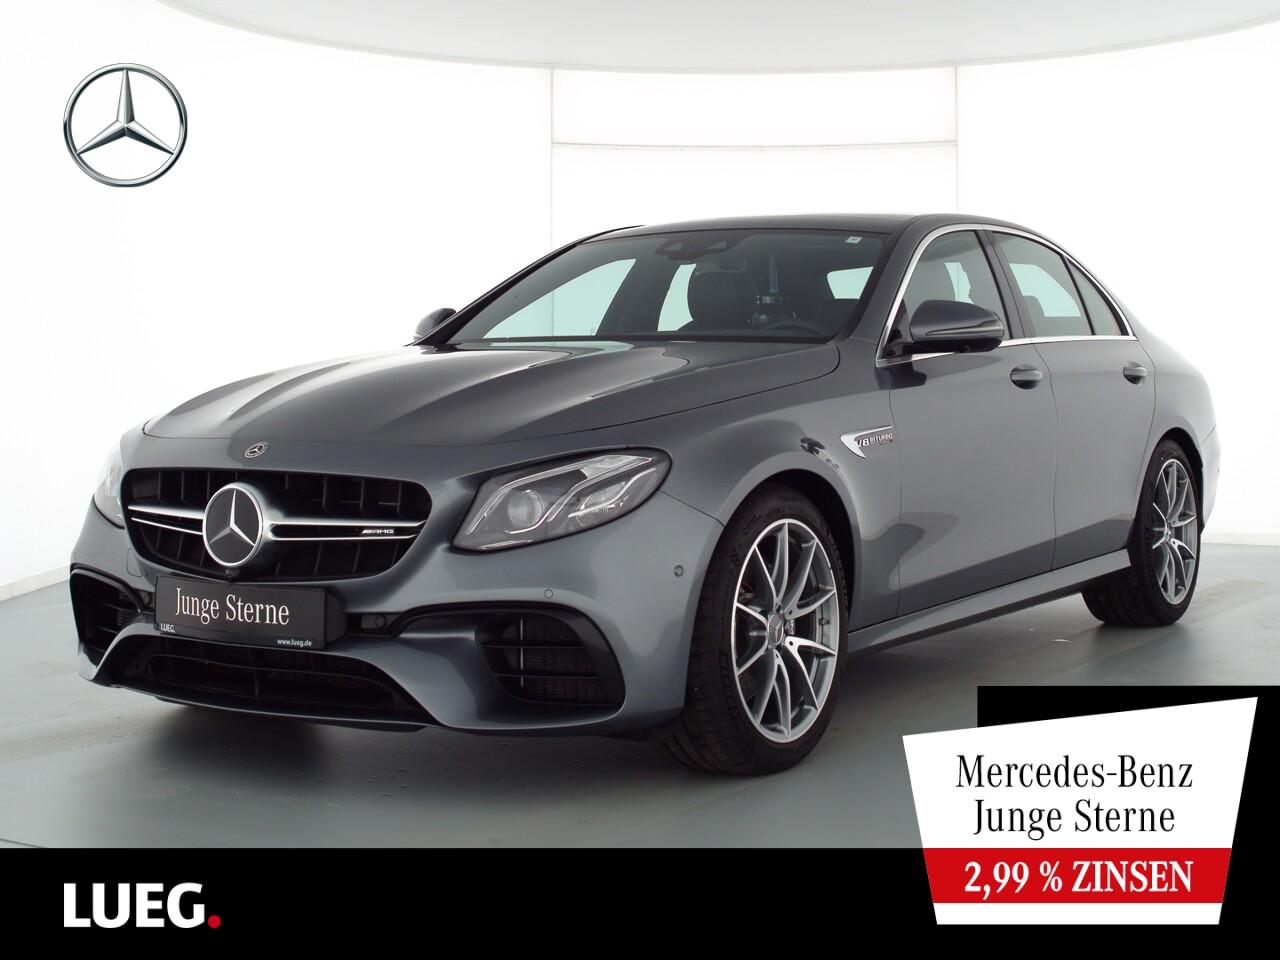 Mercedes-Benz E 63 AMG 4M+ COM+Pano+Mbeam+DistrPl+Widescr+360°, Jahr 2020, Benzin